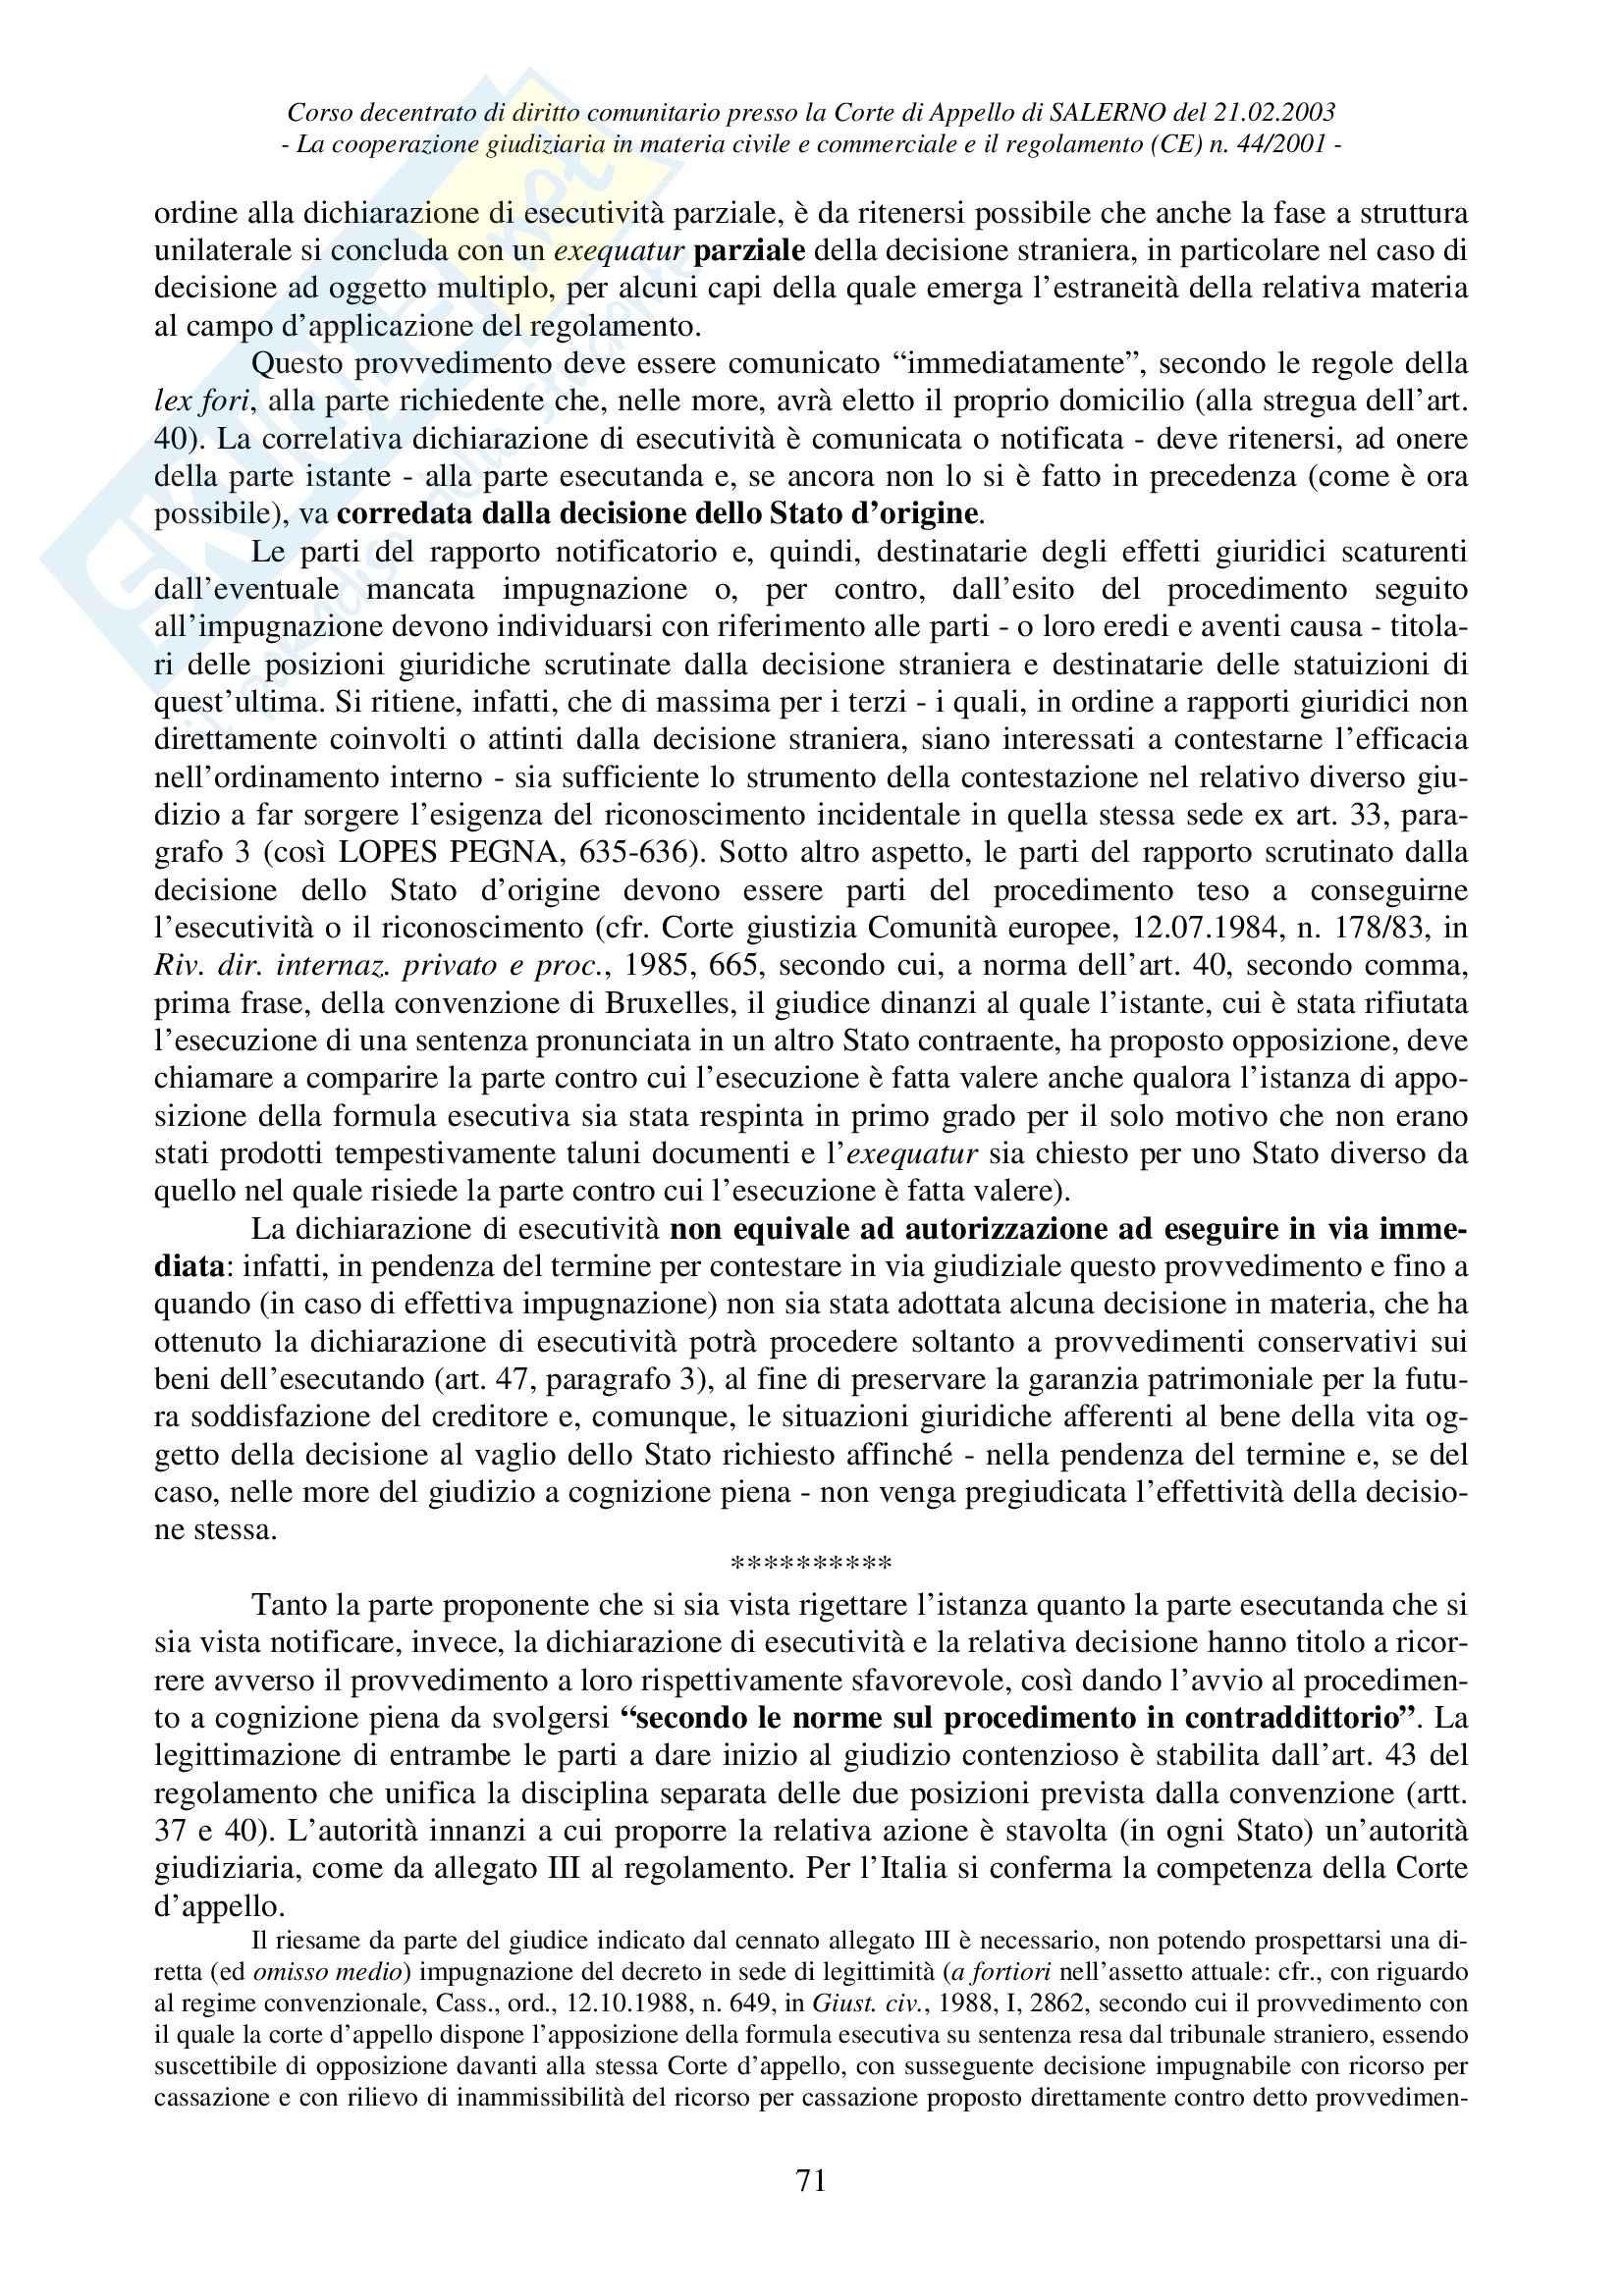 Diritto dell'Unione Europea - analisi del regolamento (CE) n. 44/2001 Pag. 71